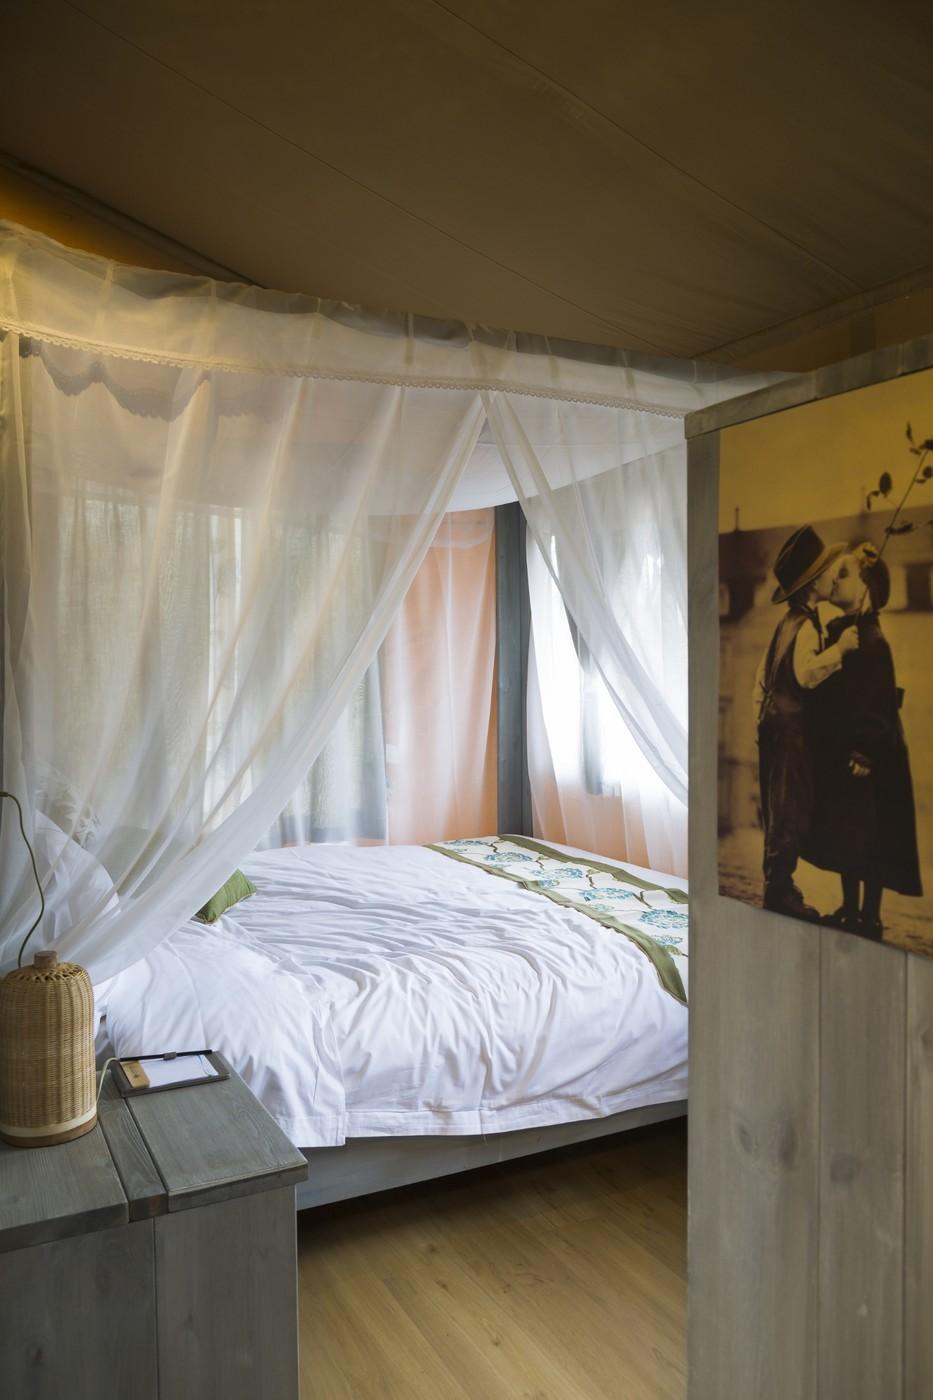 喜马拉雅野奢帐篷酒店—太湖湾露营谷23